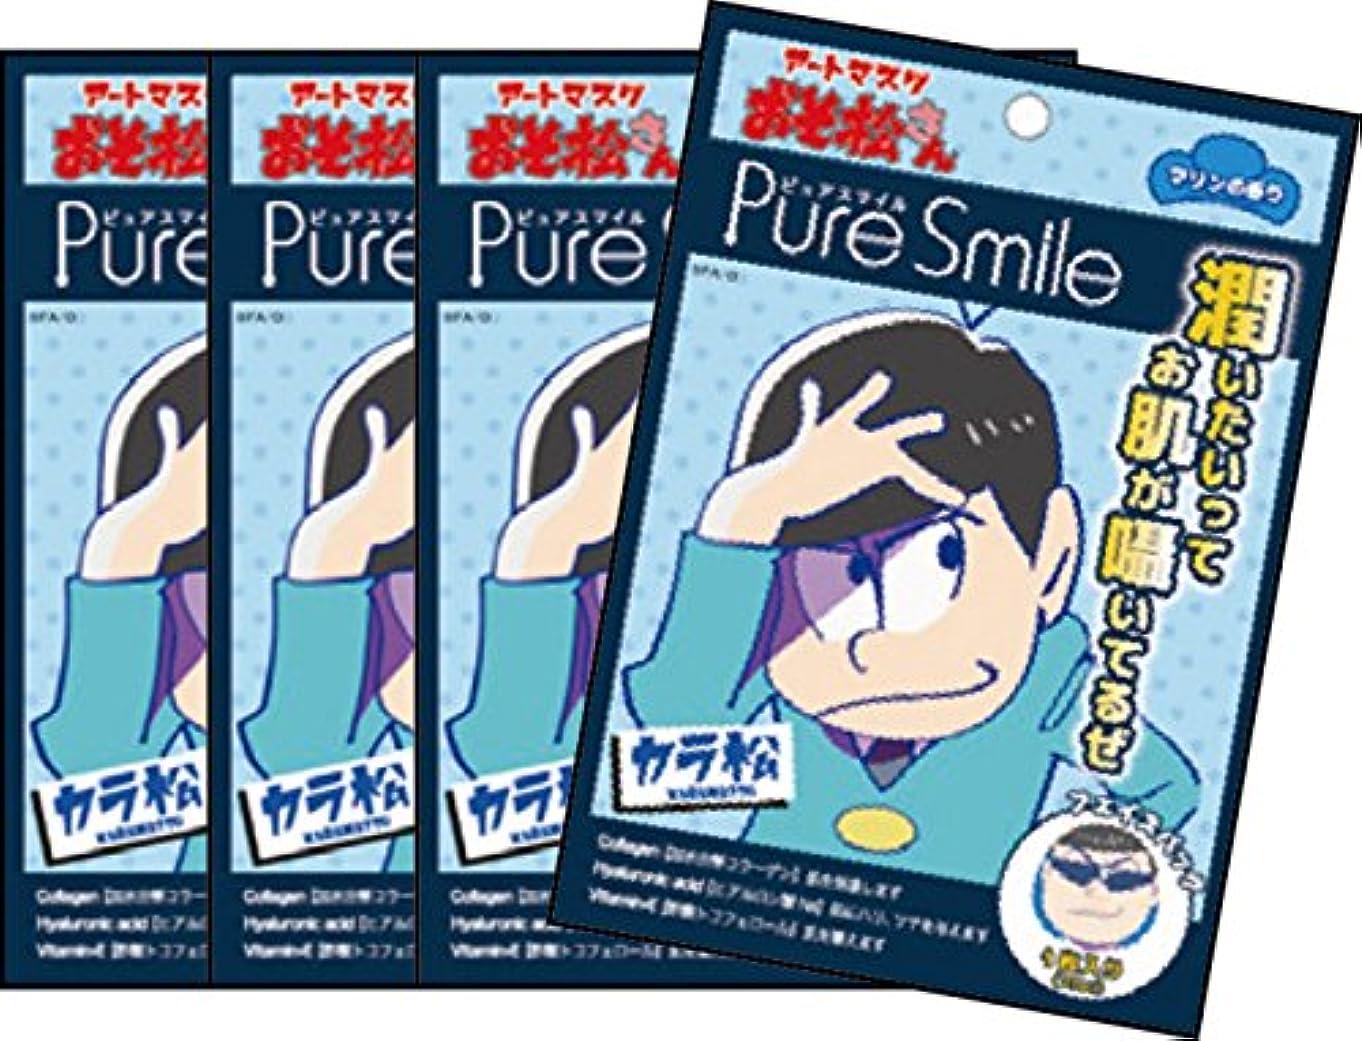 便利フィード命令的ピュアスマイル 『おそ松さんアートマスク』(カラ松柄/マリンの香り)4枚セット